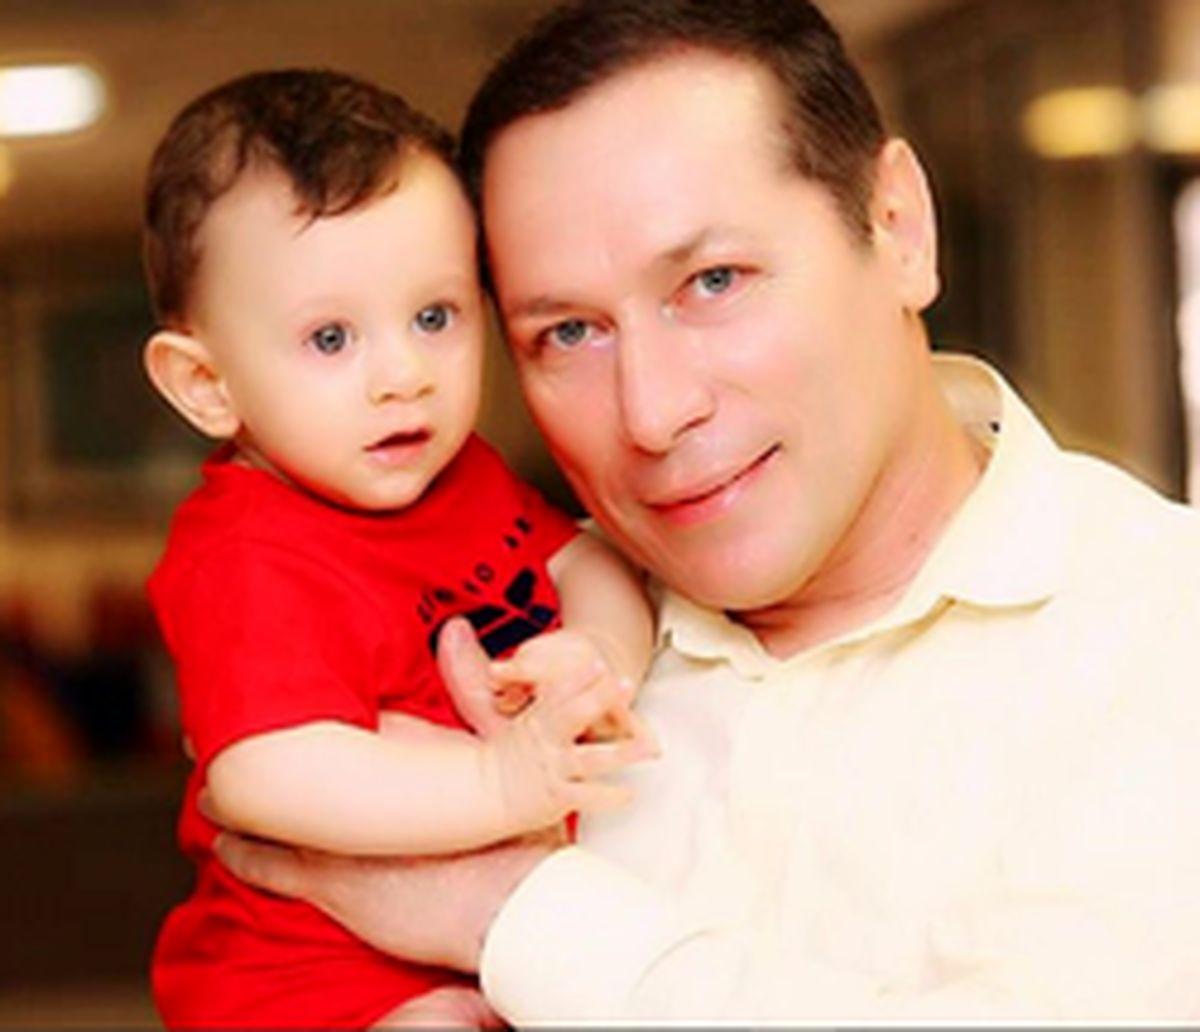 شباهت دیدنی گوینده خبر با پسرش +عکس